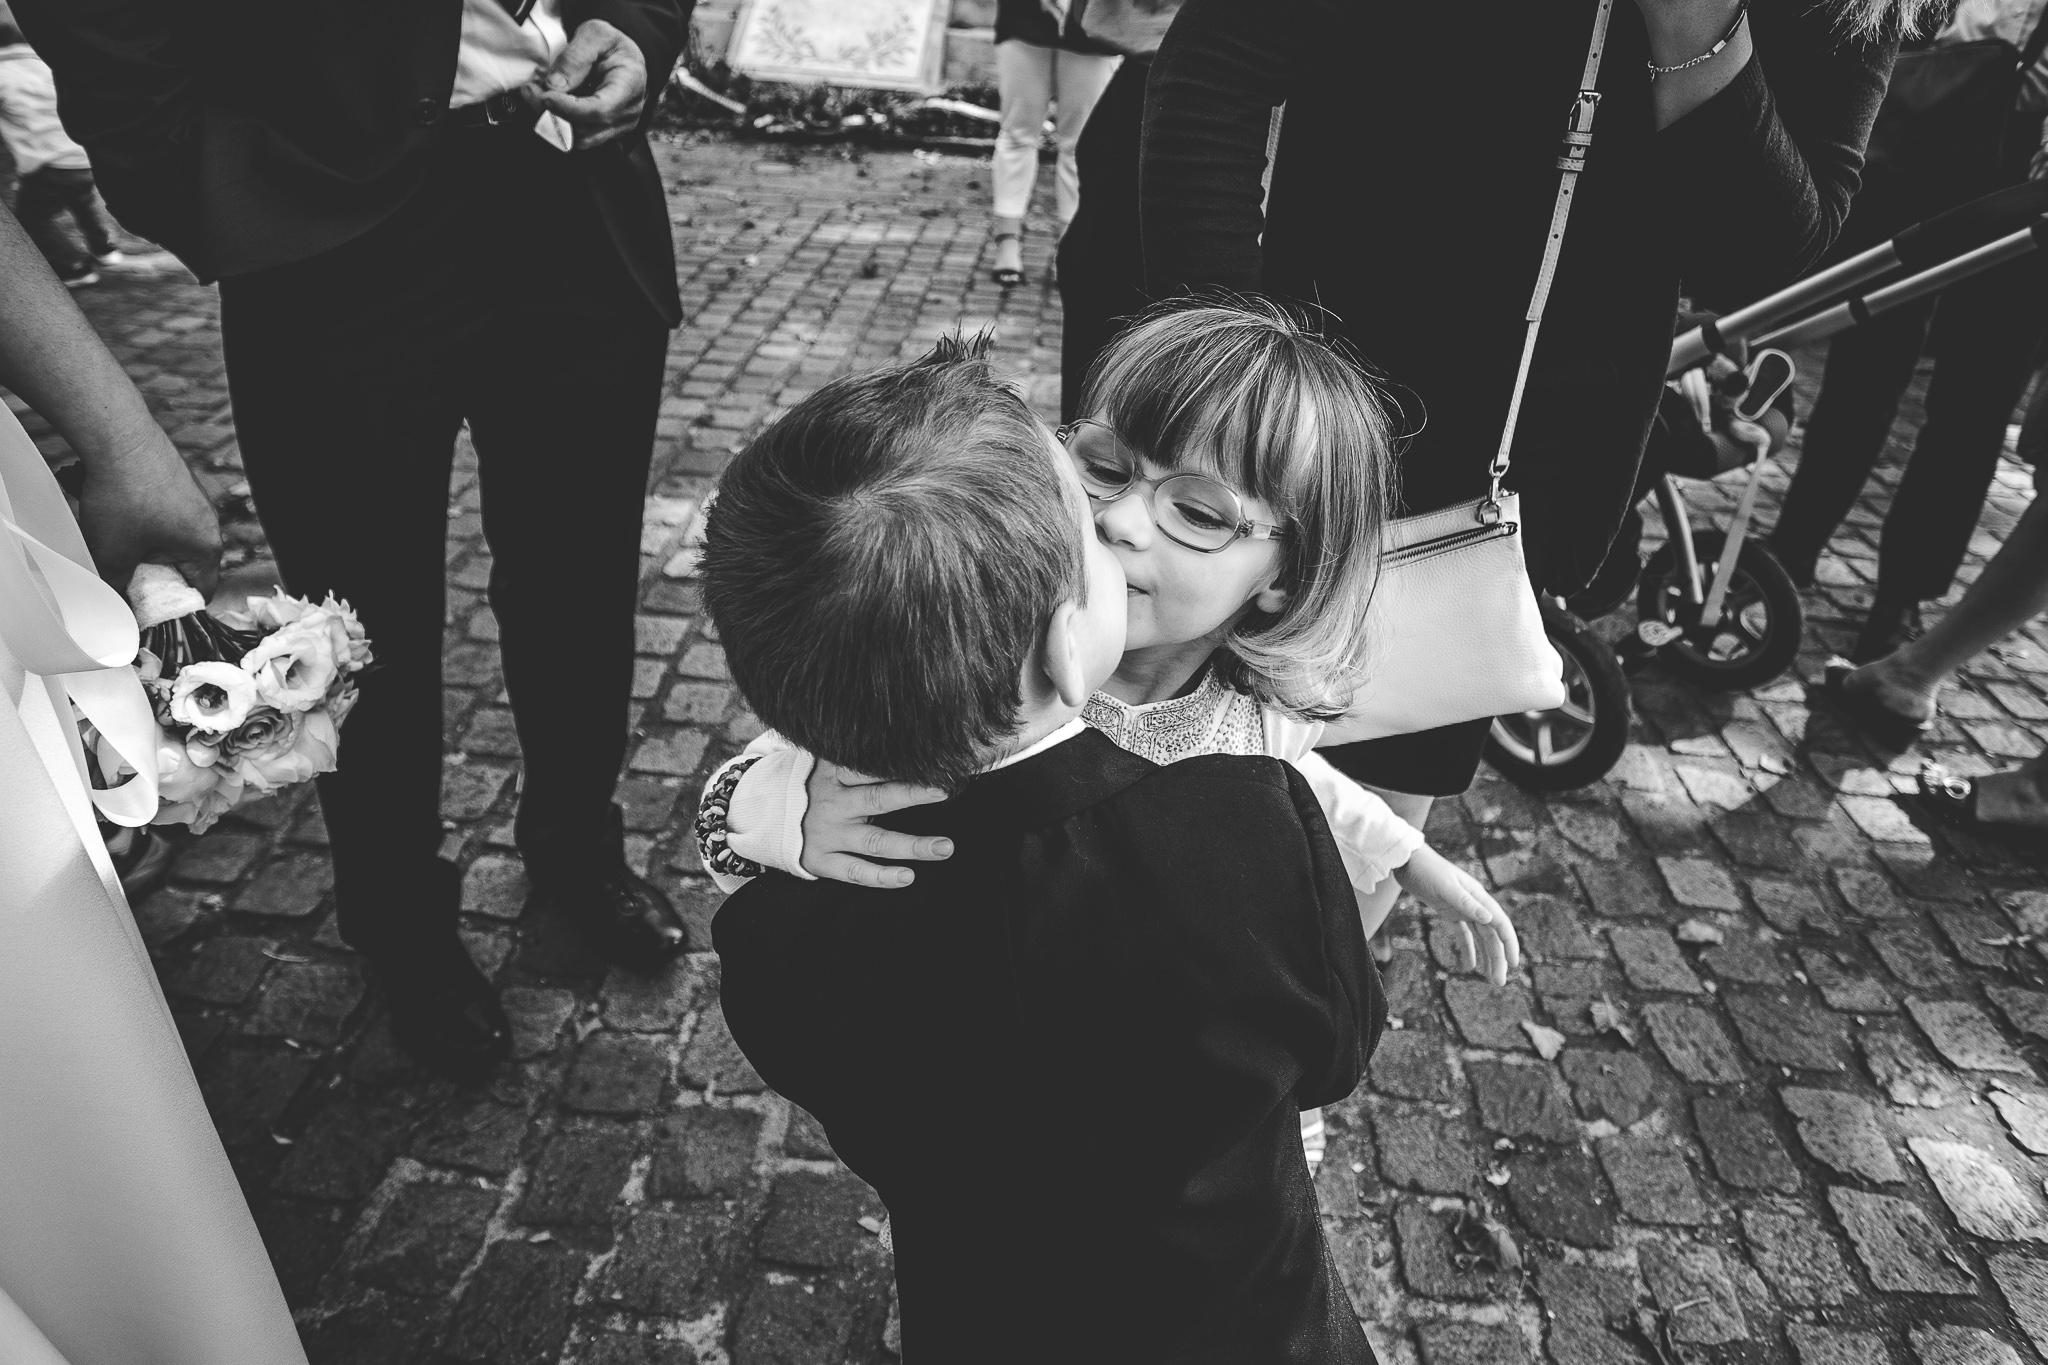 reportage mariage photo sortie eglise bisous enfants emotions sur l'instant rigolo toulouse